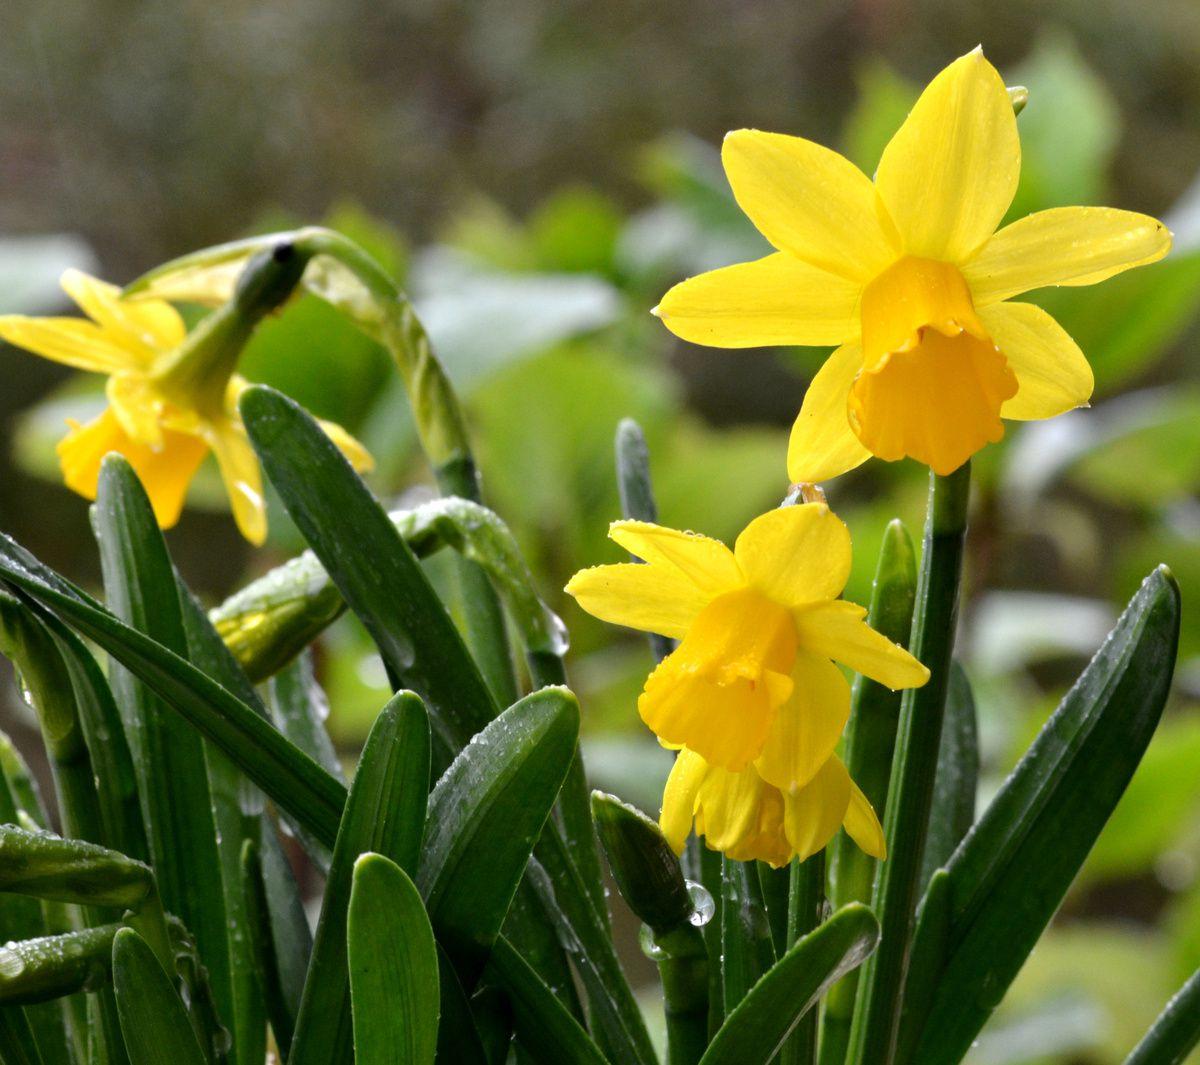 Le printemps se fait tirer l'oreille...